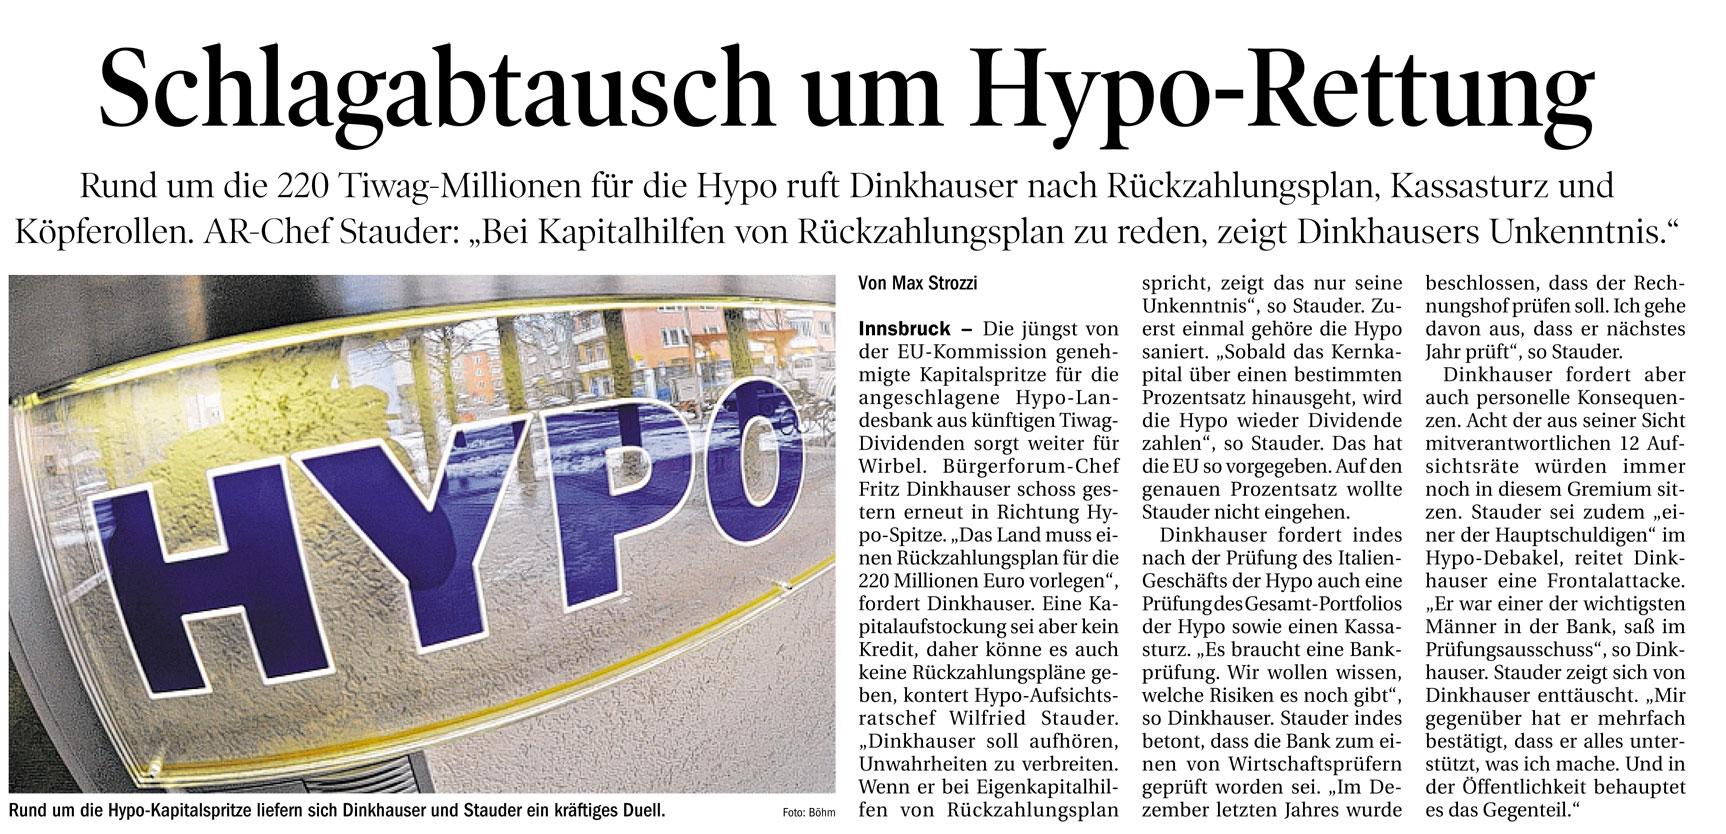 Bericht der Tiroler Tageszeitung zur Hypo-Rettung